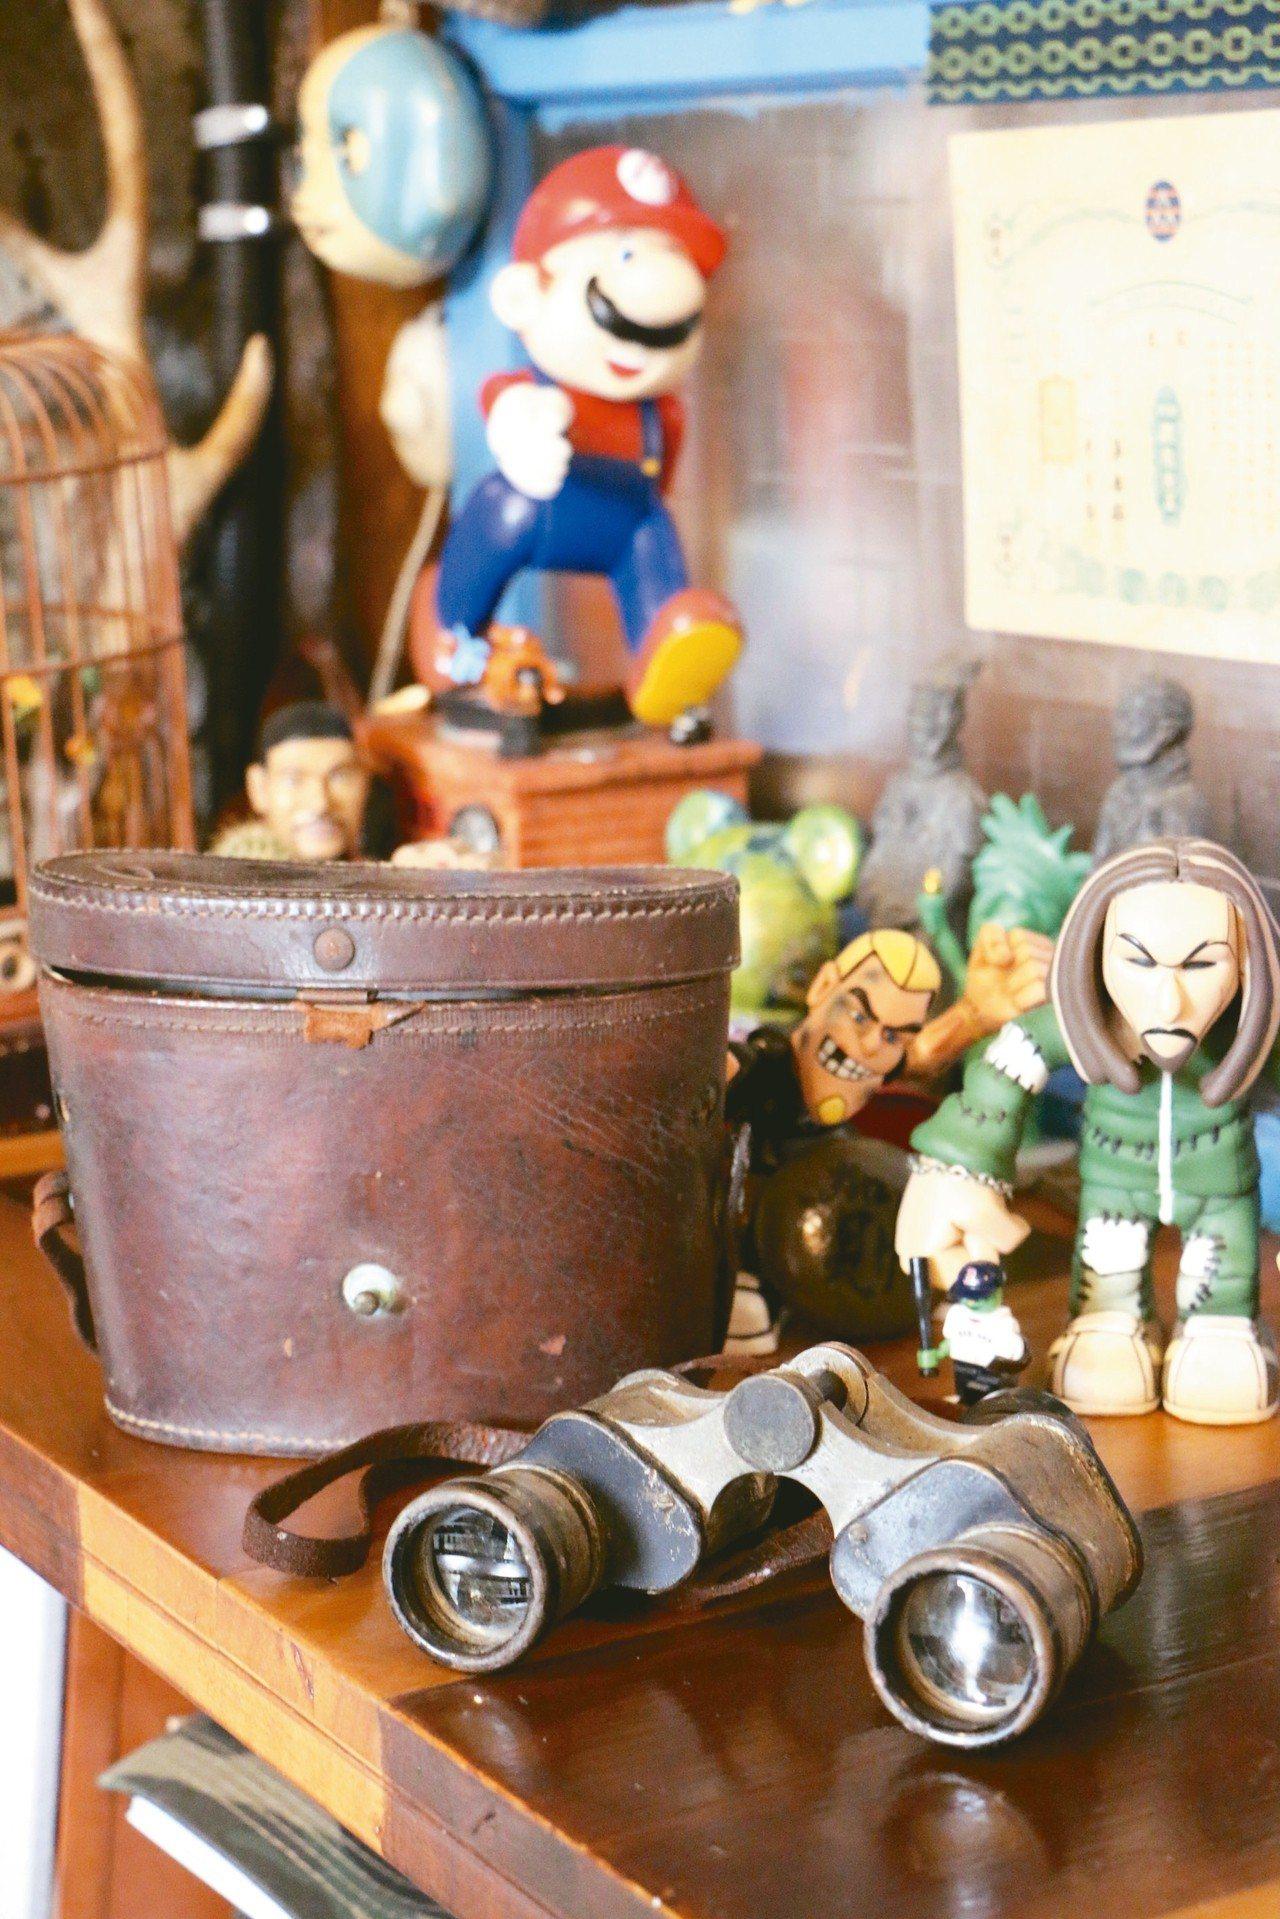 賀HeR巷內食間店主蒐集許多老物件、玩具。 記者沈佩臻/攝影